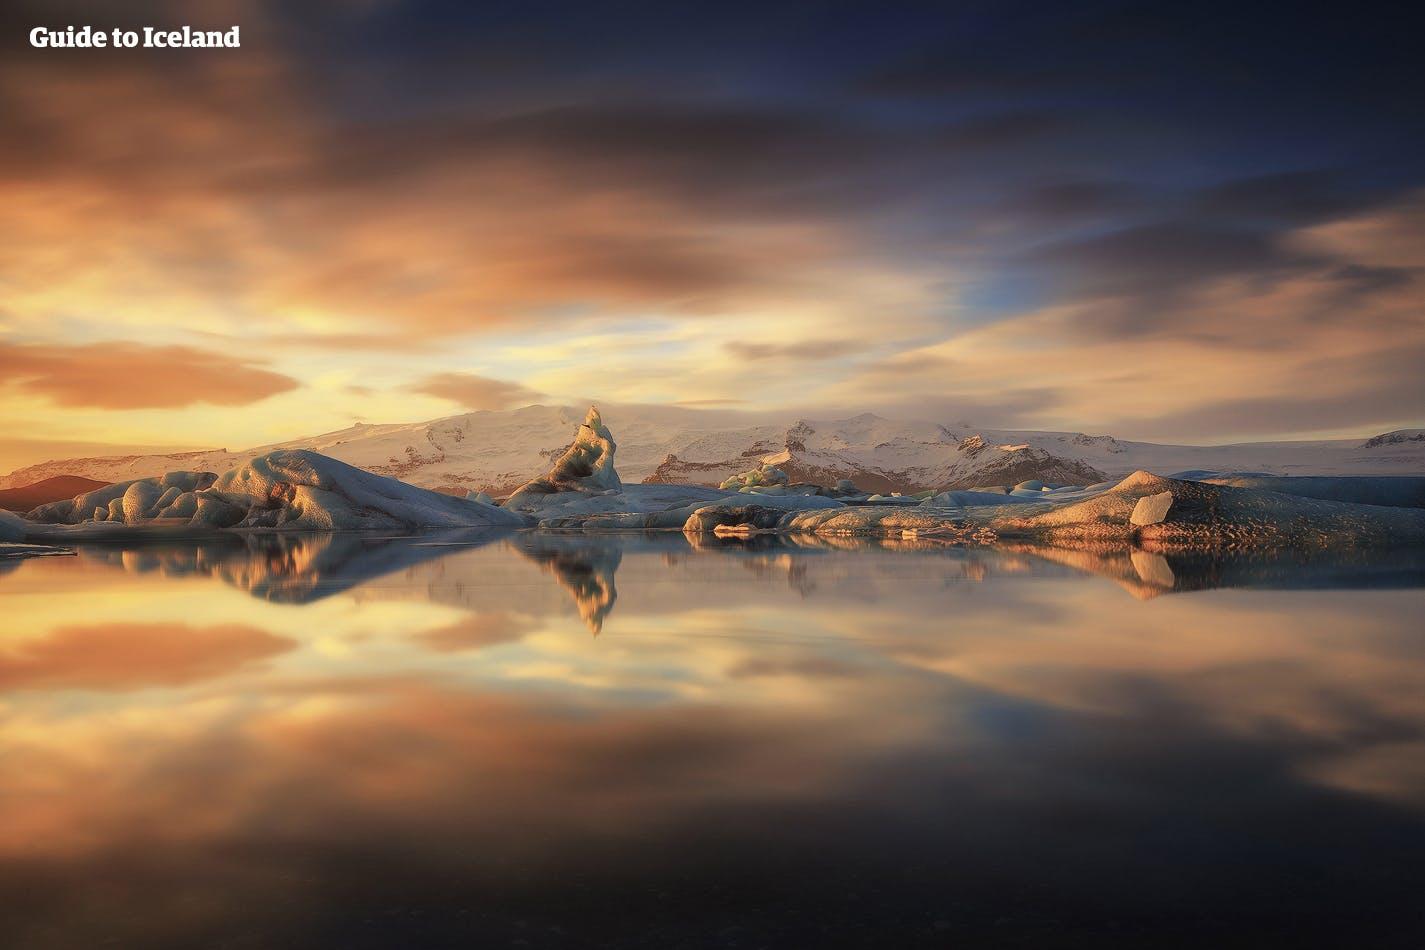 在冰岛南岸的索尔黑马冰川上体验冰川徒步,领略冰川的壮丽胜景